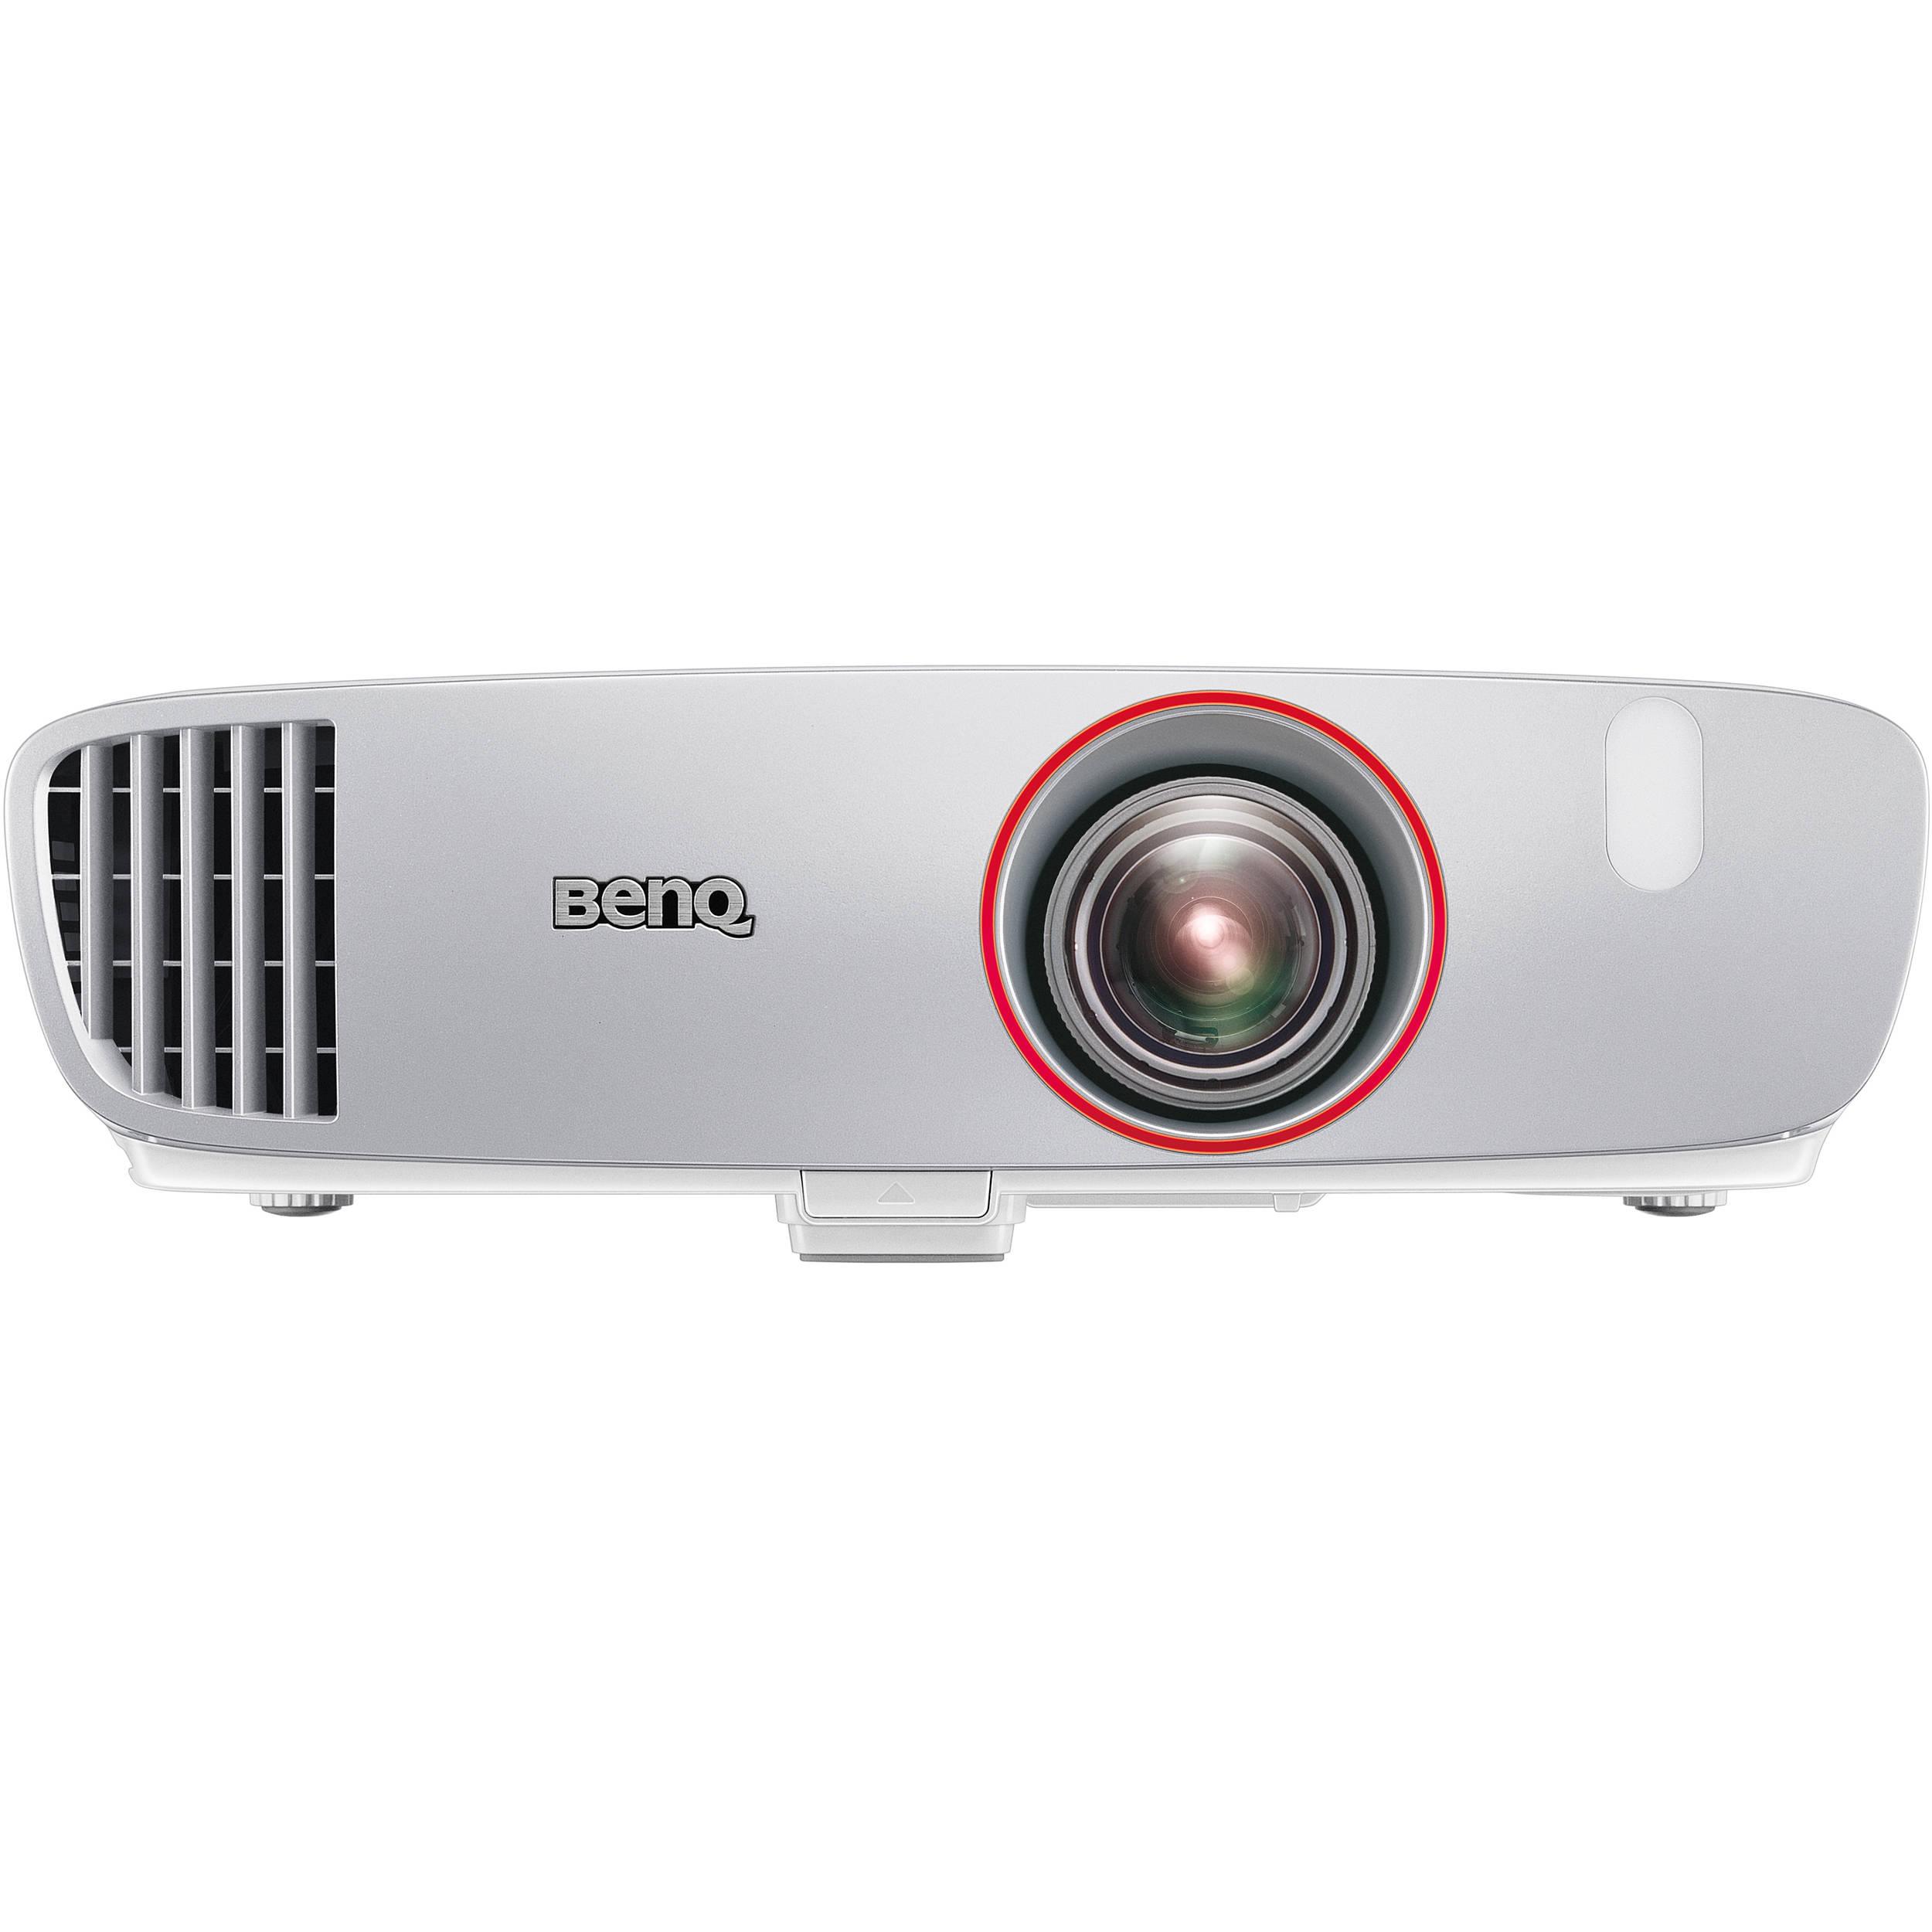 b7f92fa51dd BenQ HT2150ST Full HD DLP Home Theater Projector HT2150ST B&H